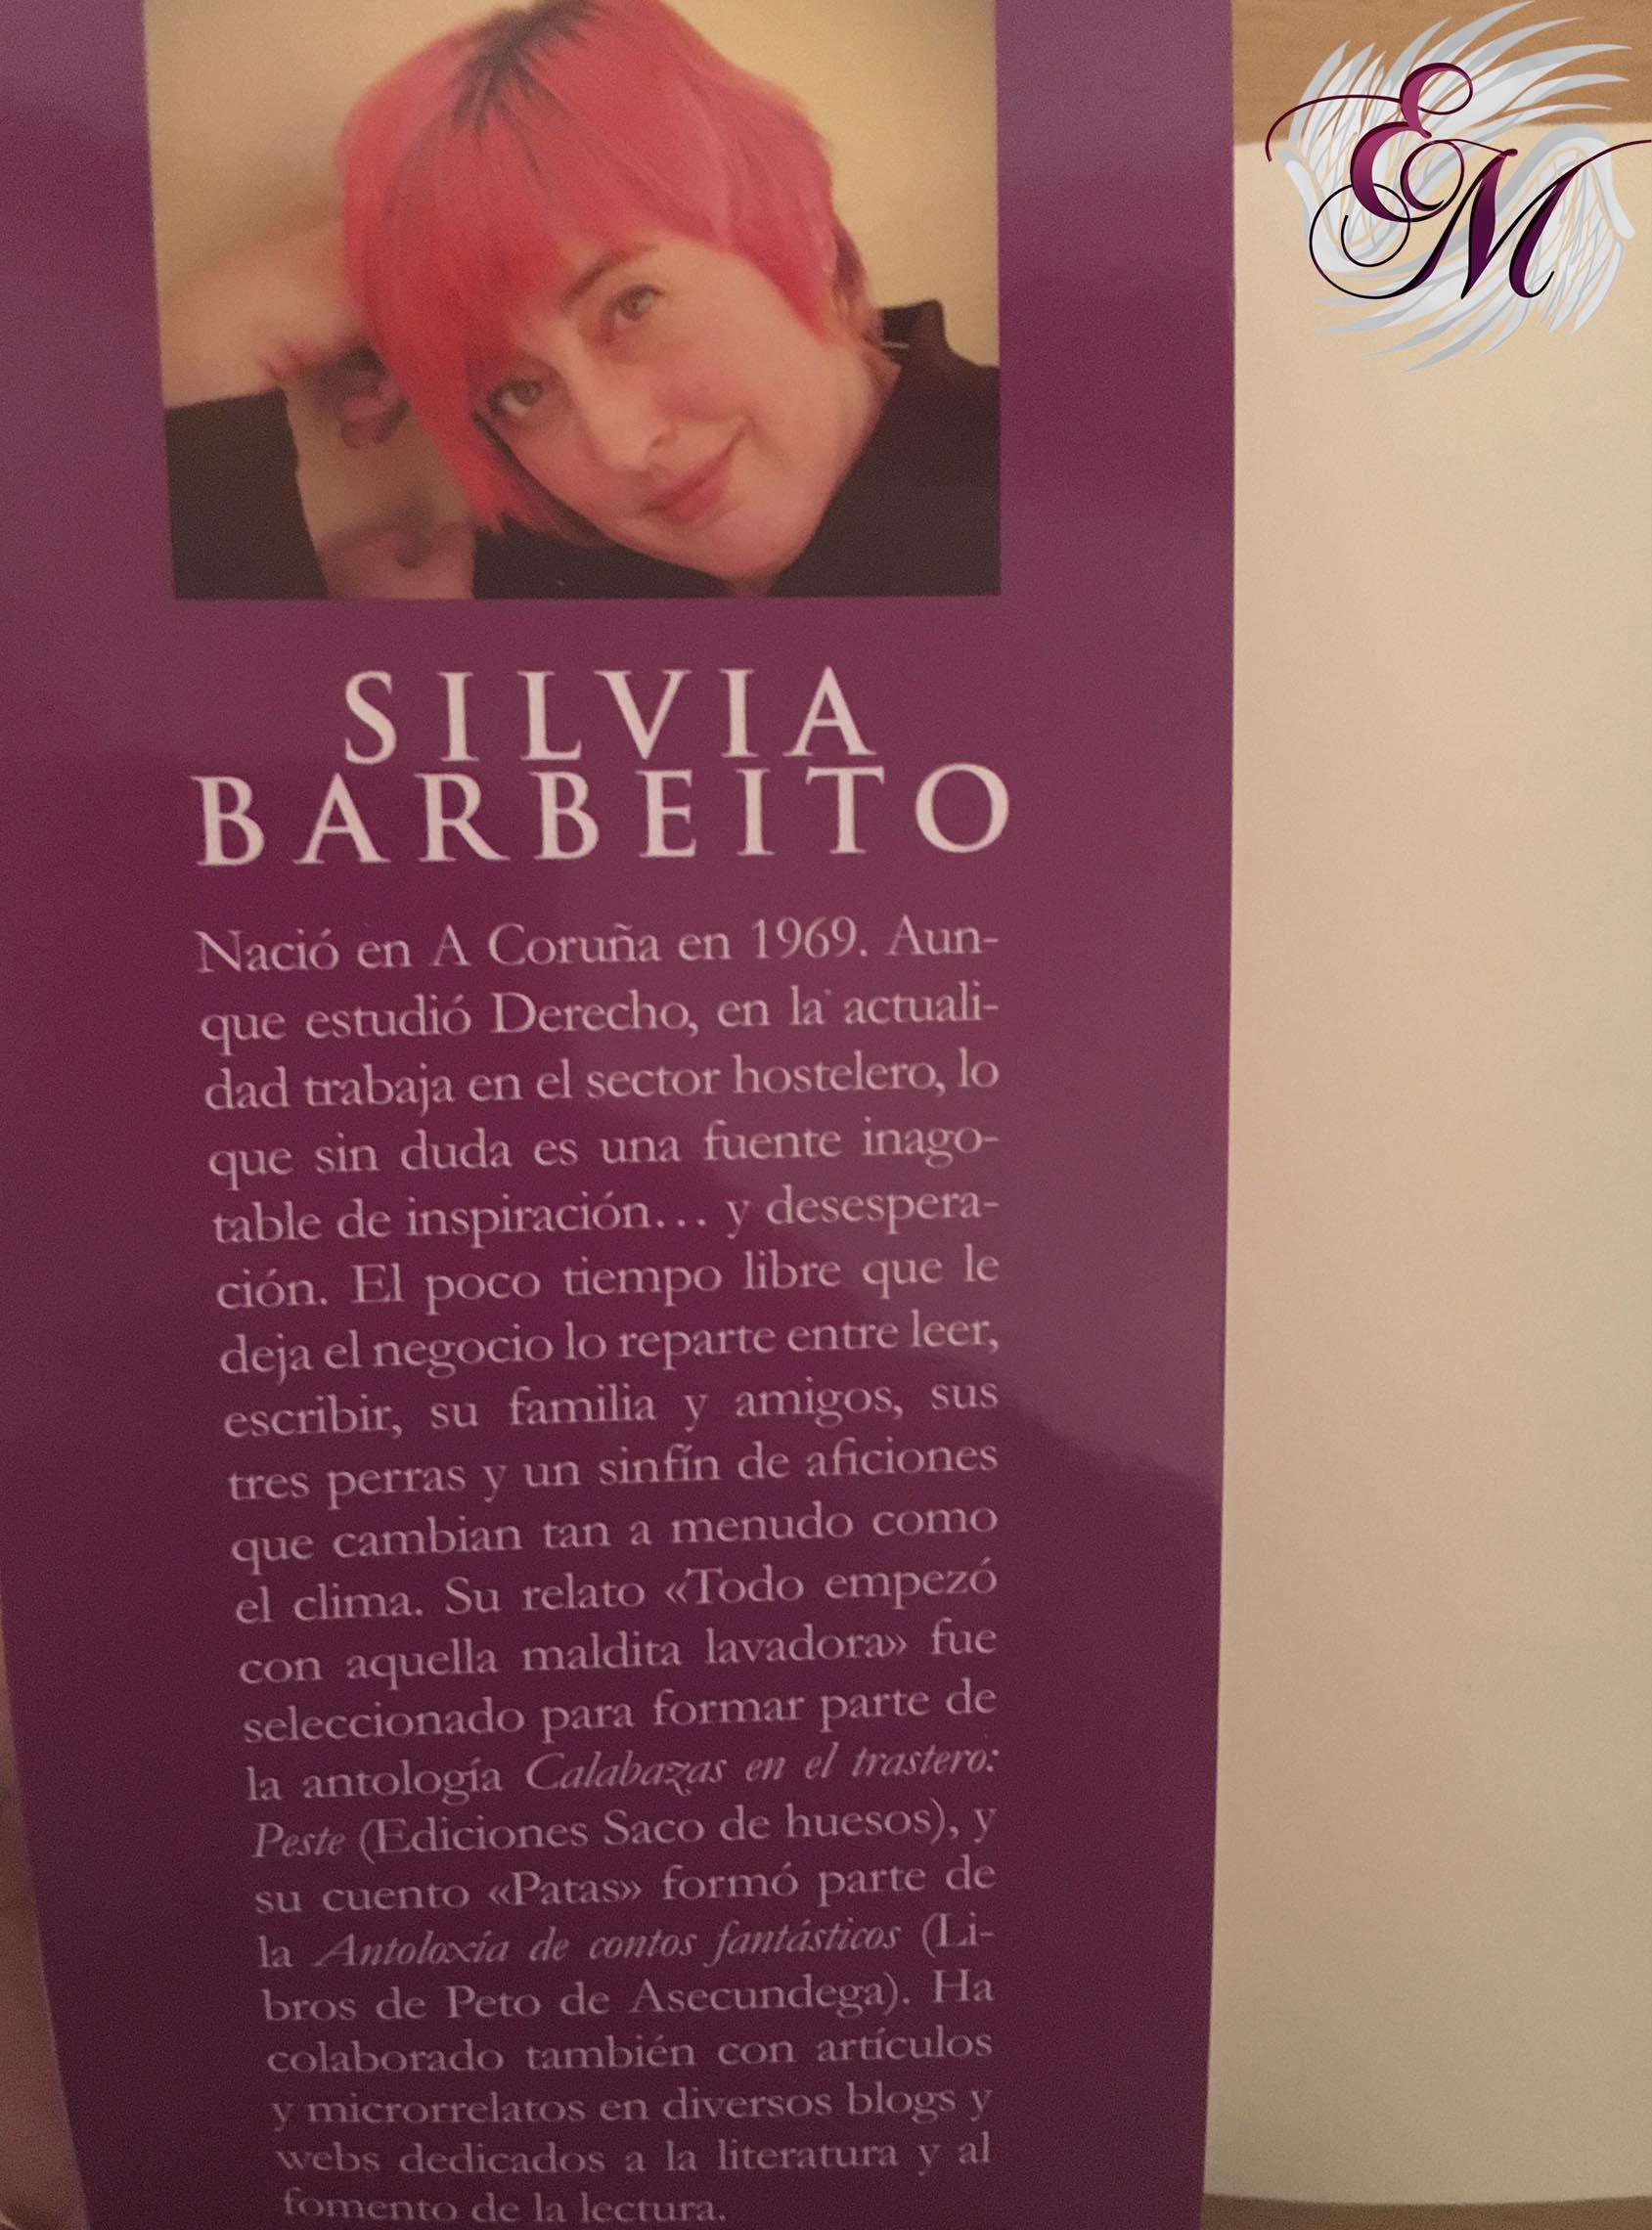 Velo de silencio, de Silvia Barbeito - Reseña